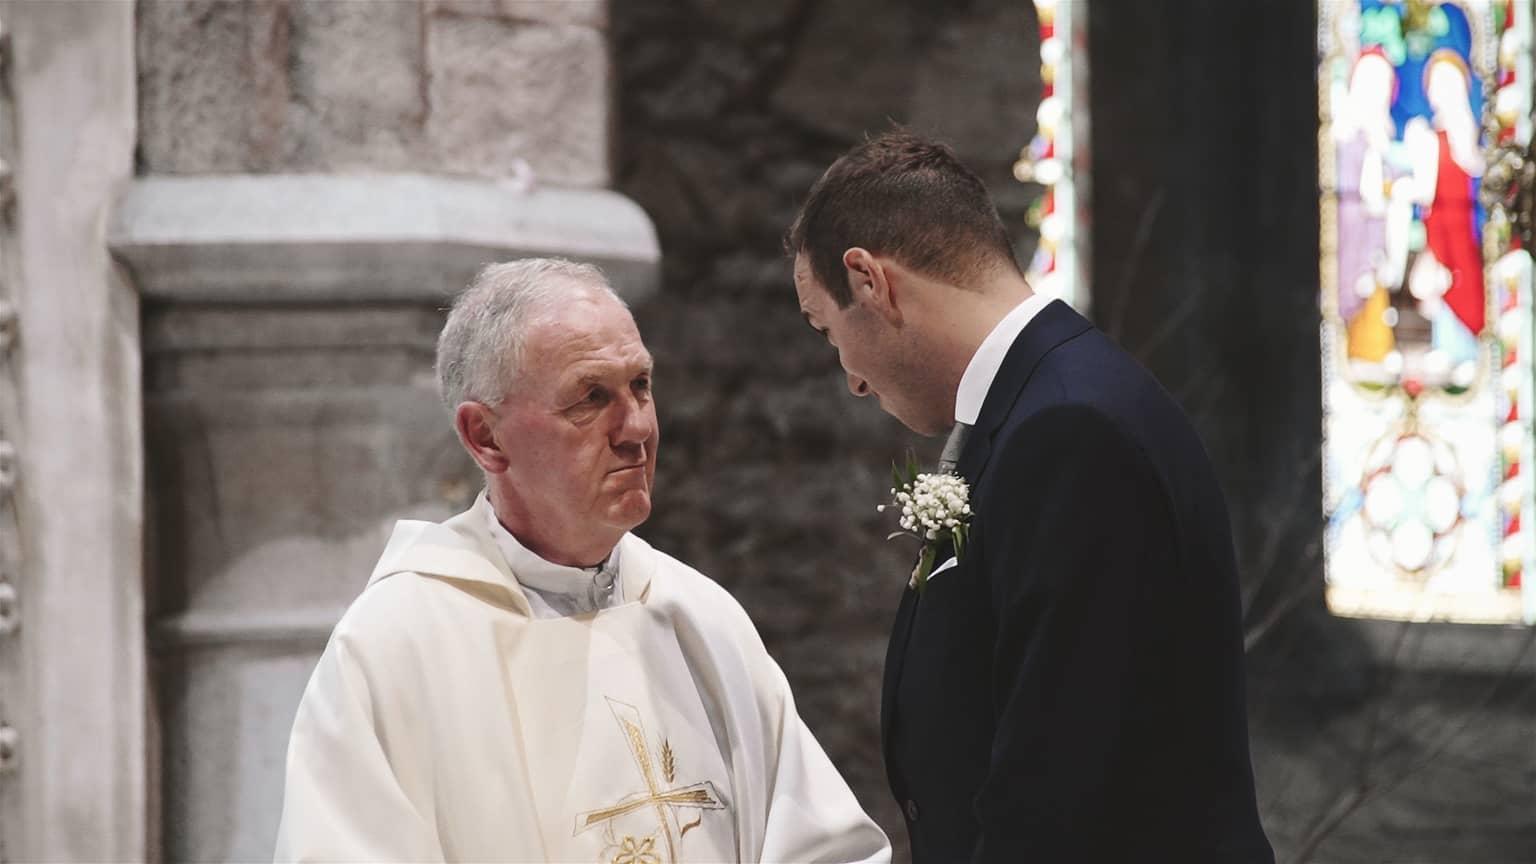 Priest is making final word to groom.